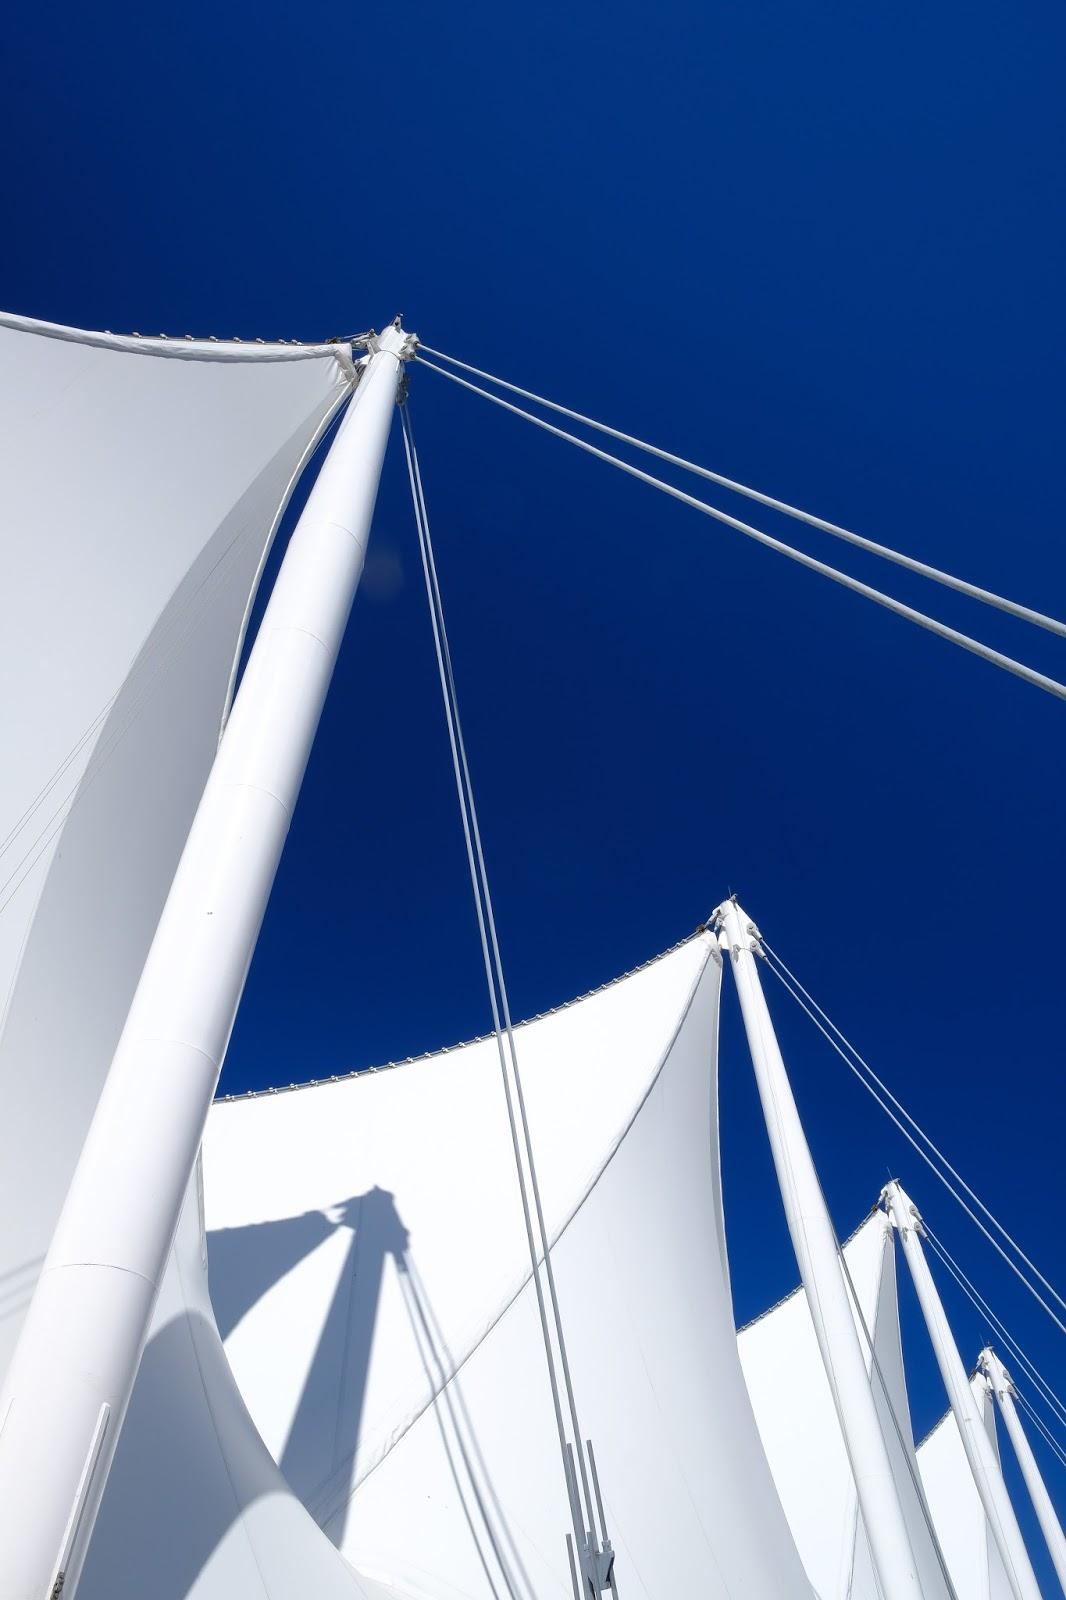 Le Chameau Bleu - Blog Voyage Canada - 10 choses à Savoir sur le Canada Voyage séjour